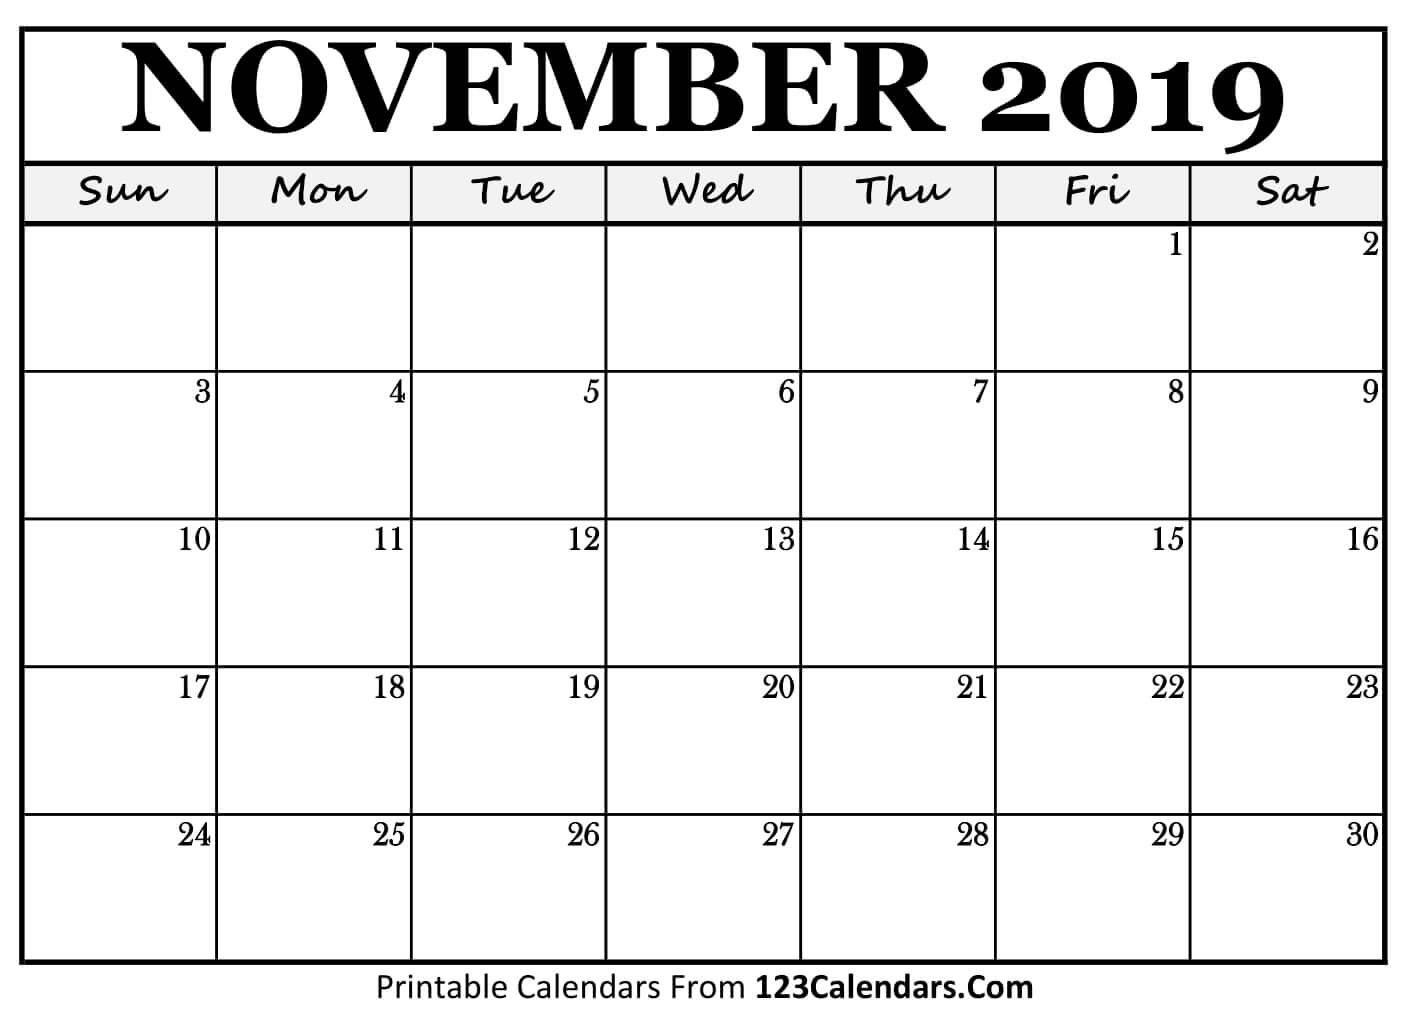 Printable November 2019 Calendar Templates – 123Calendars Calendar 2019 November